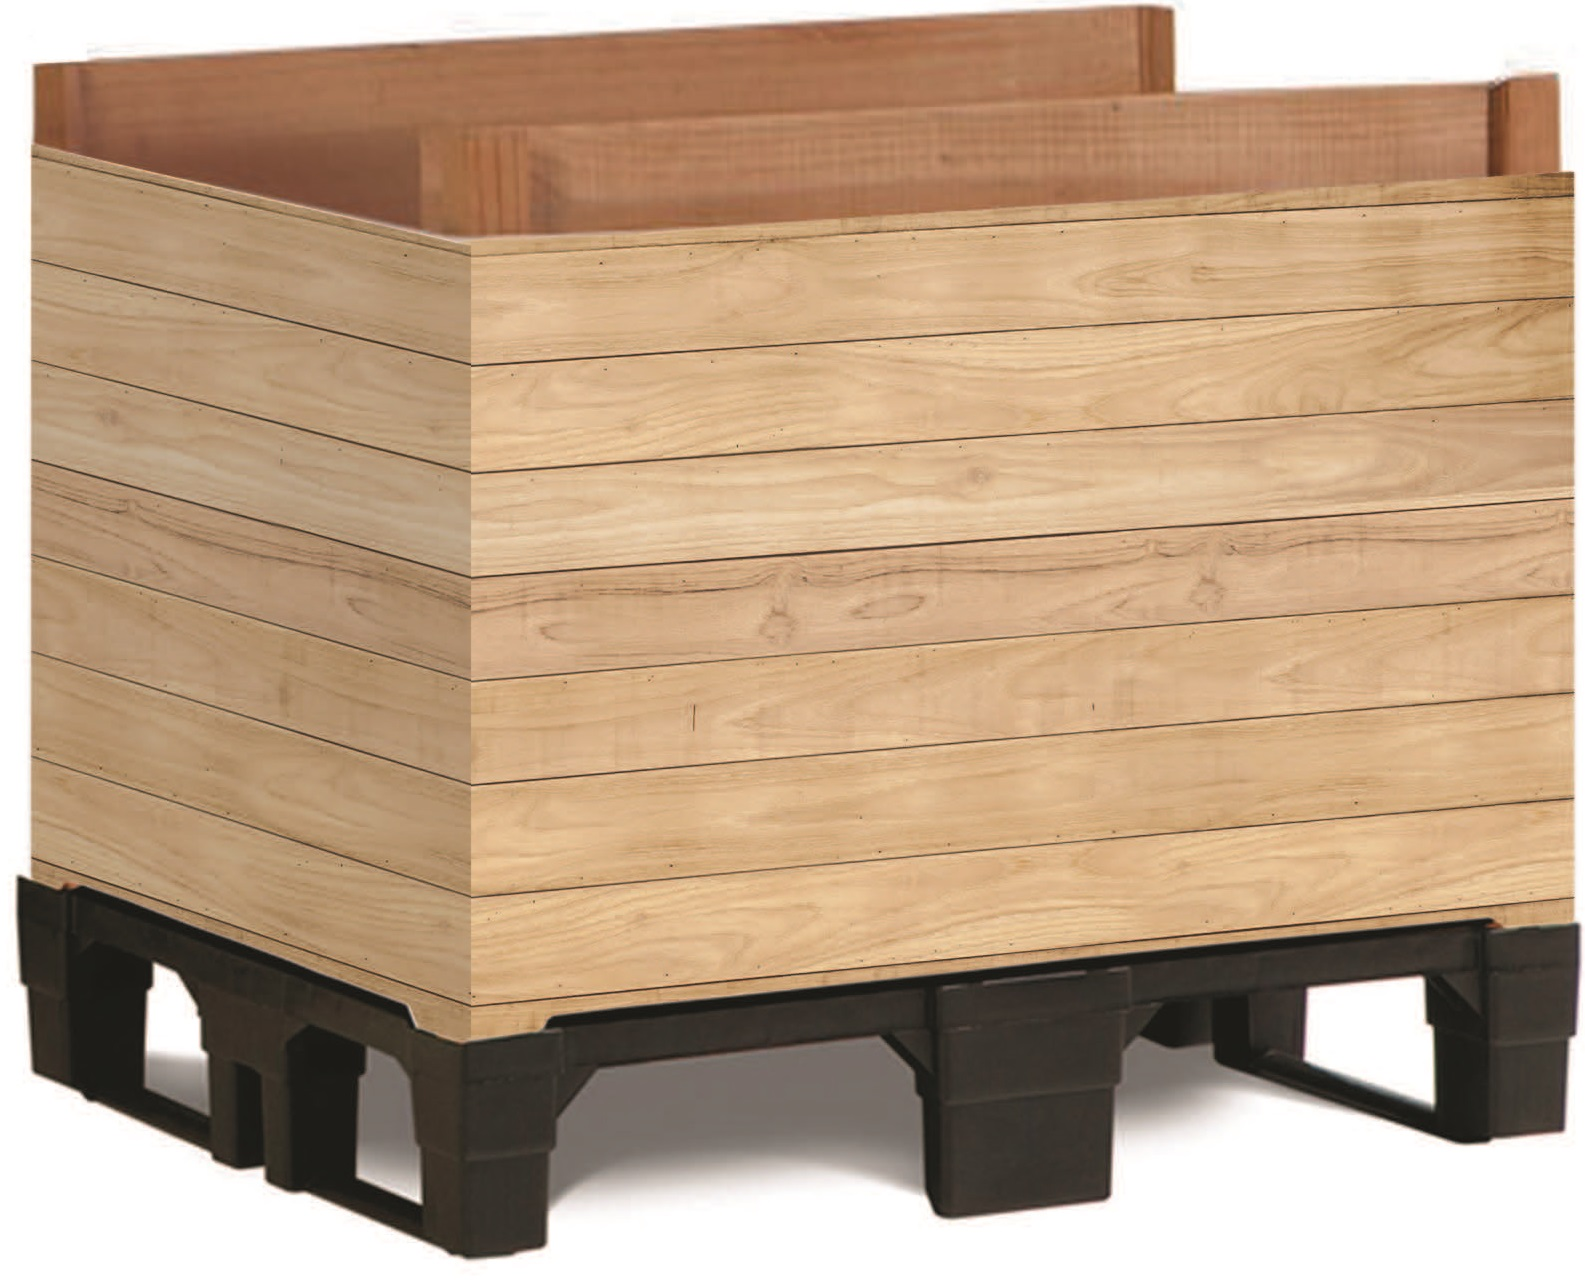 g70 madera